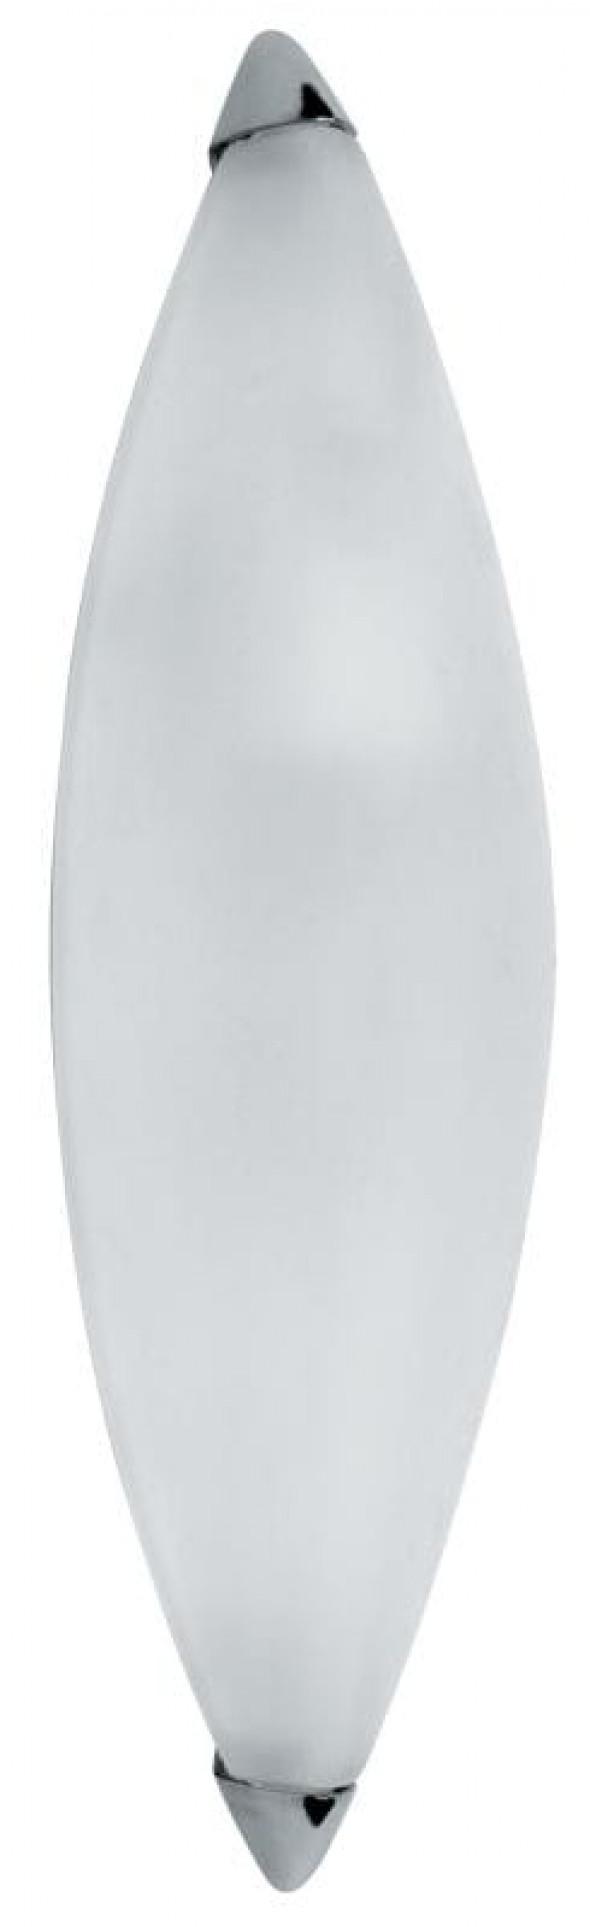 Rabalux 5702 - Oświetlenie łazienkowe STEFANY E14/40W/230V